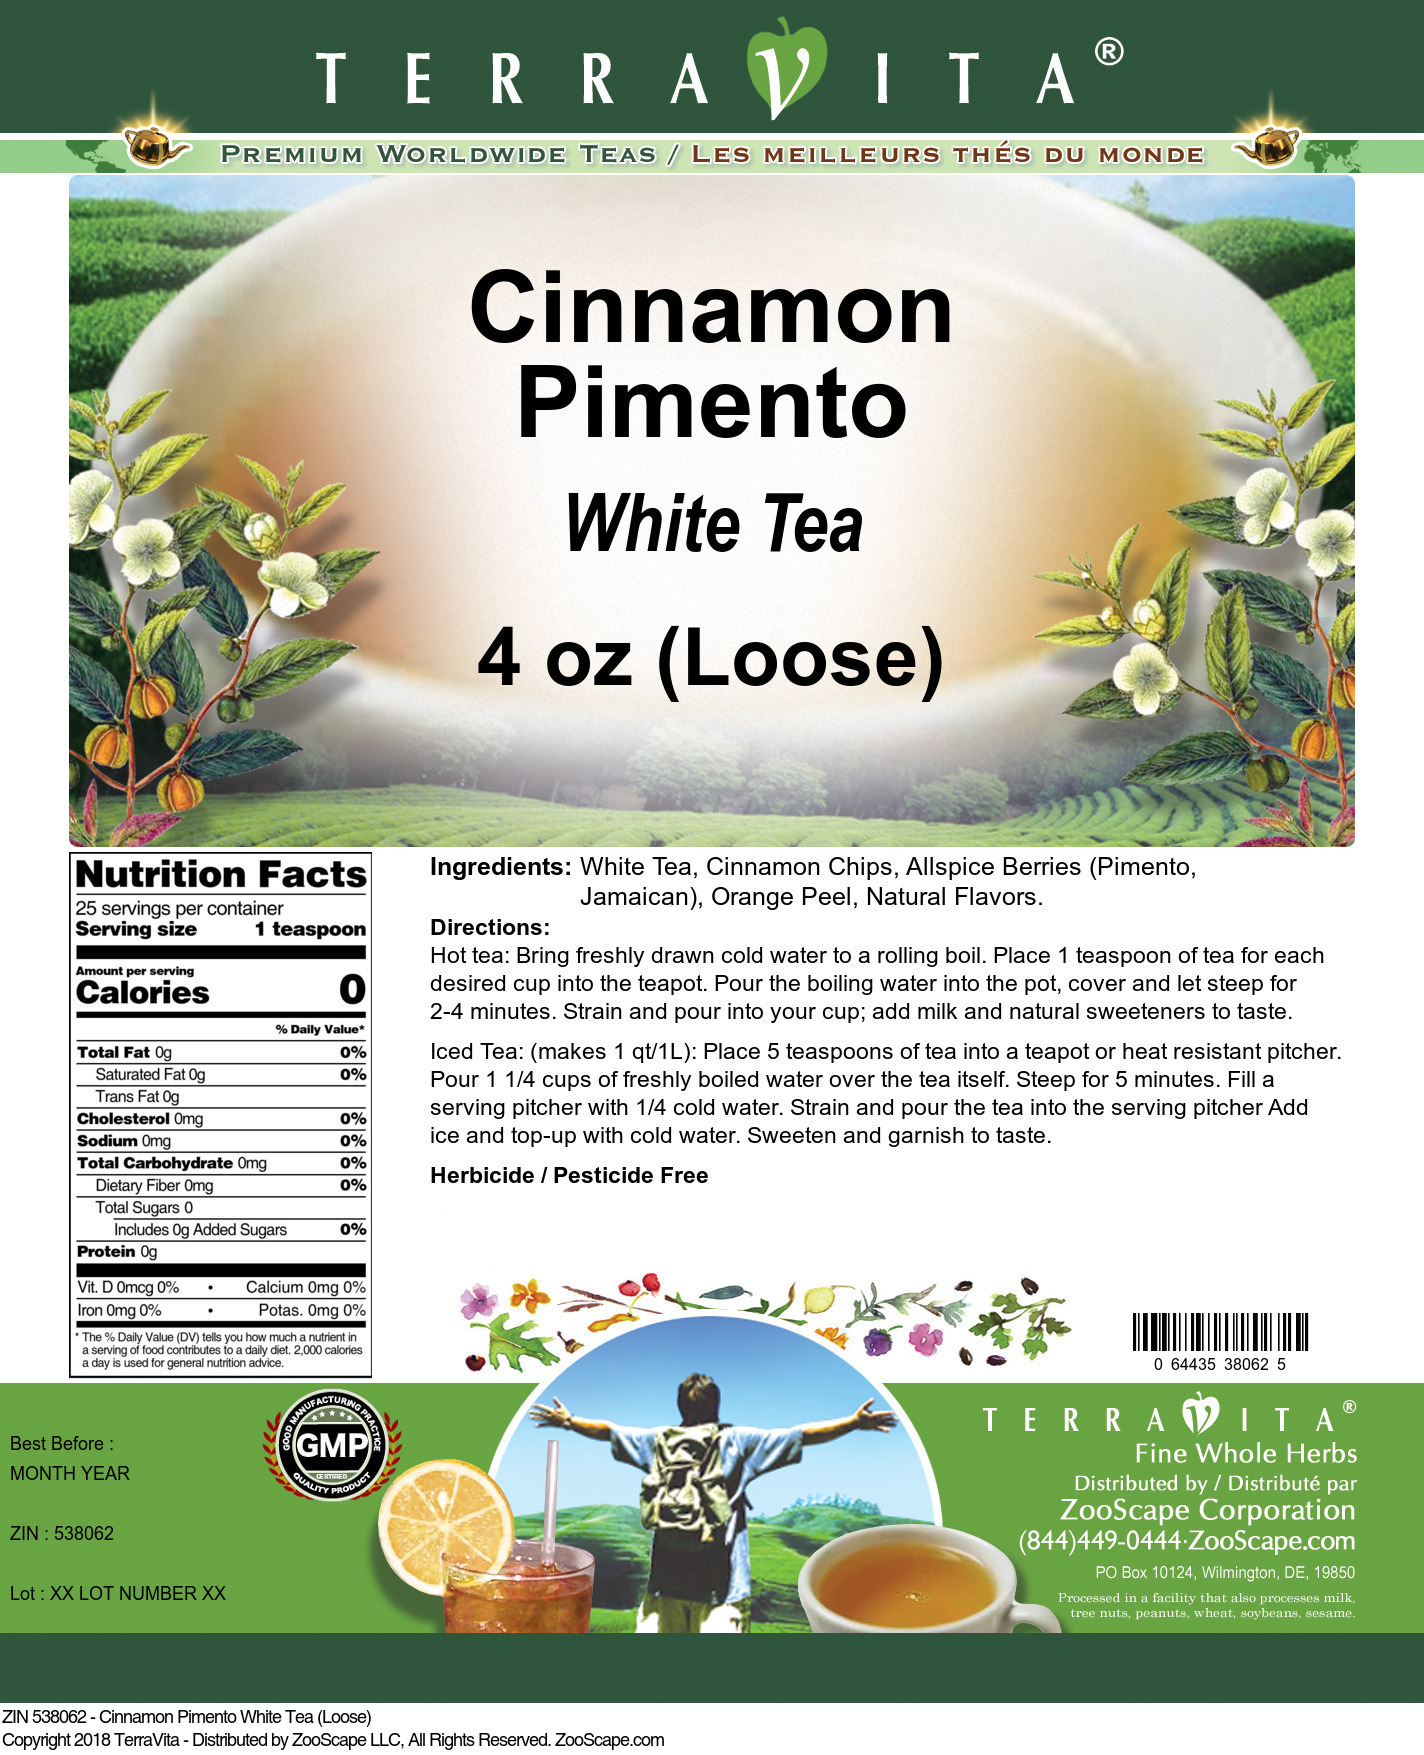 Cinnamon Pimento White Tea